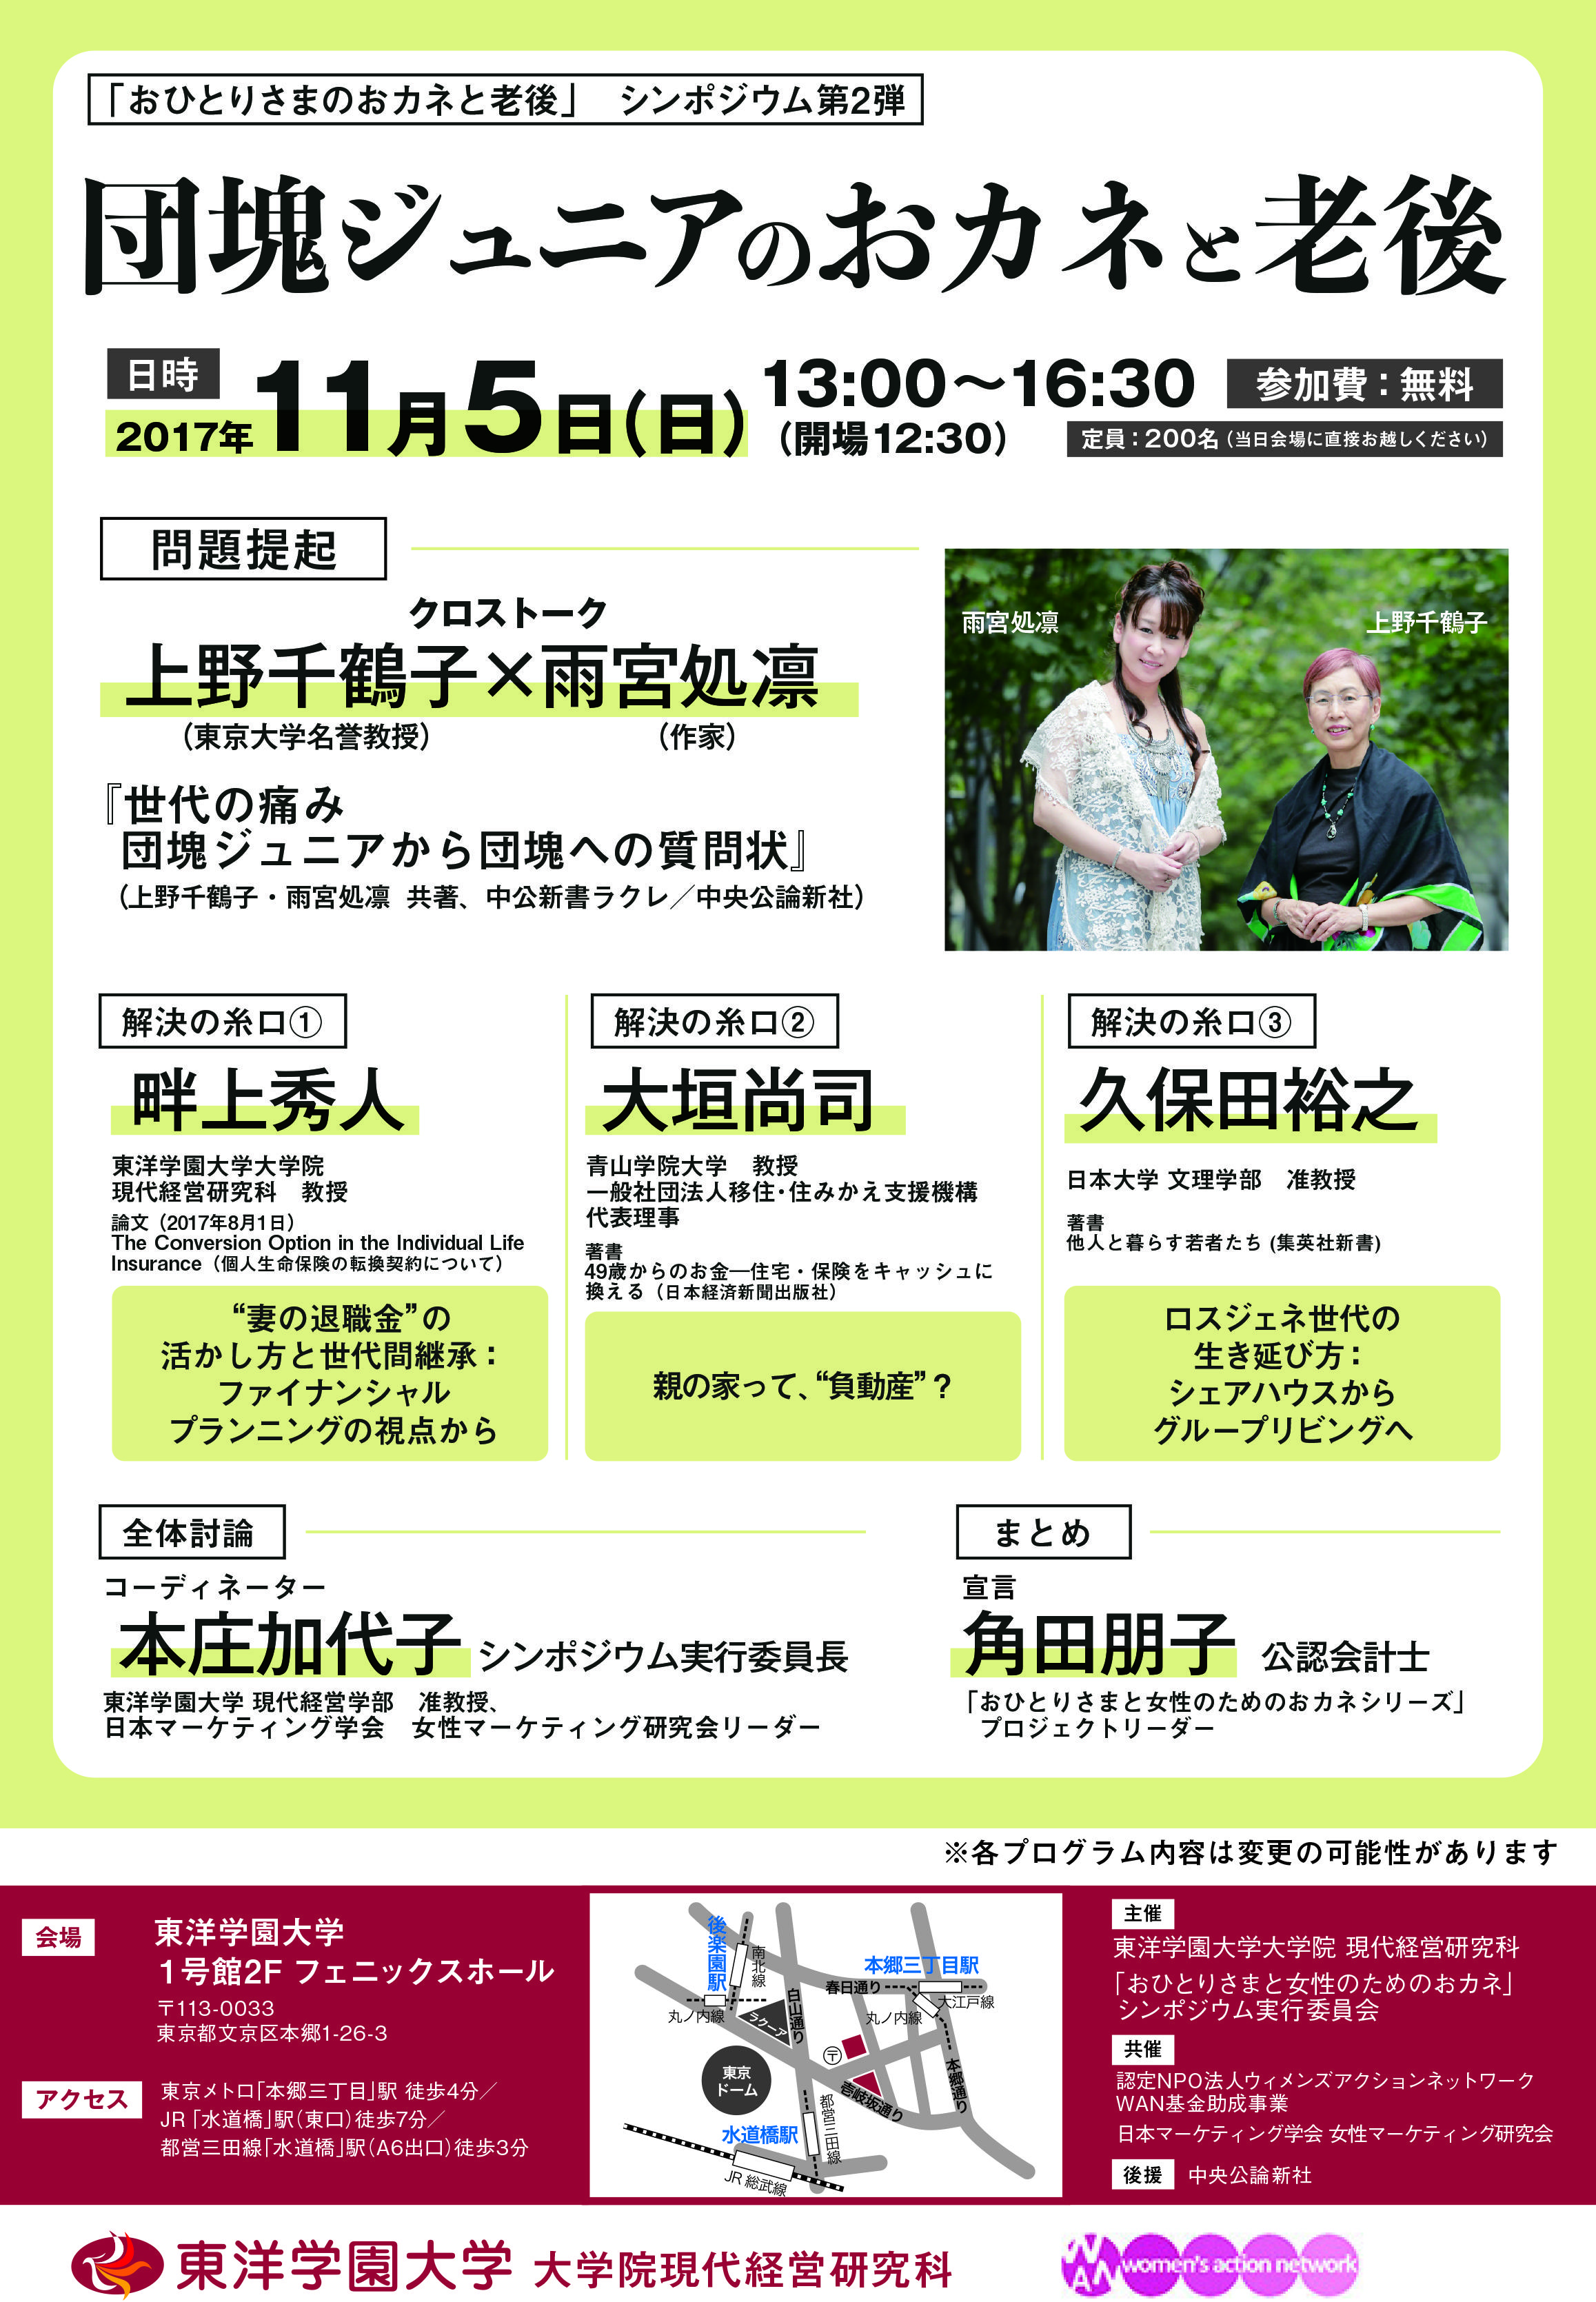 社会学者・上野千鶴子氏と、超高齢化社会を生き抜く術を考える:''妻''の退職金と親の''負''動産の活用、そして''他人''との生活がキーワード!シンポジウム「団塊ジュニアのおカネと老後」開催―11月5日(日)東洋学園大学にて